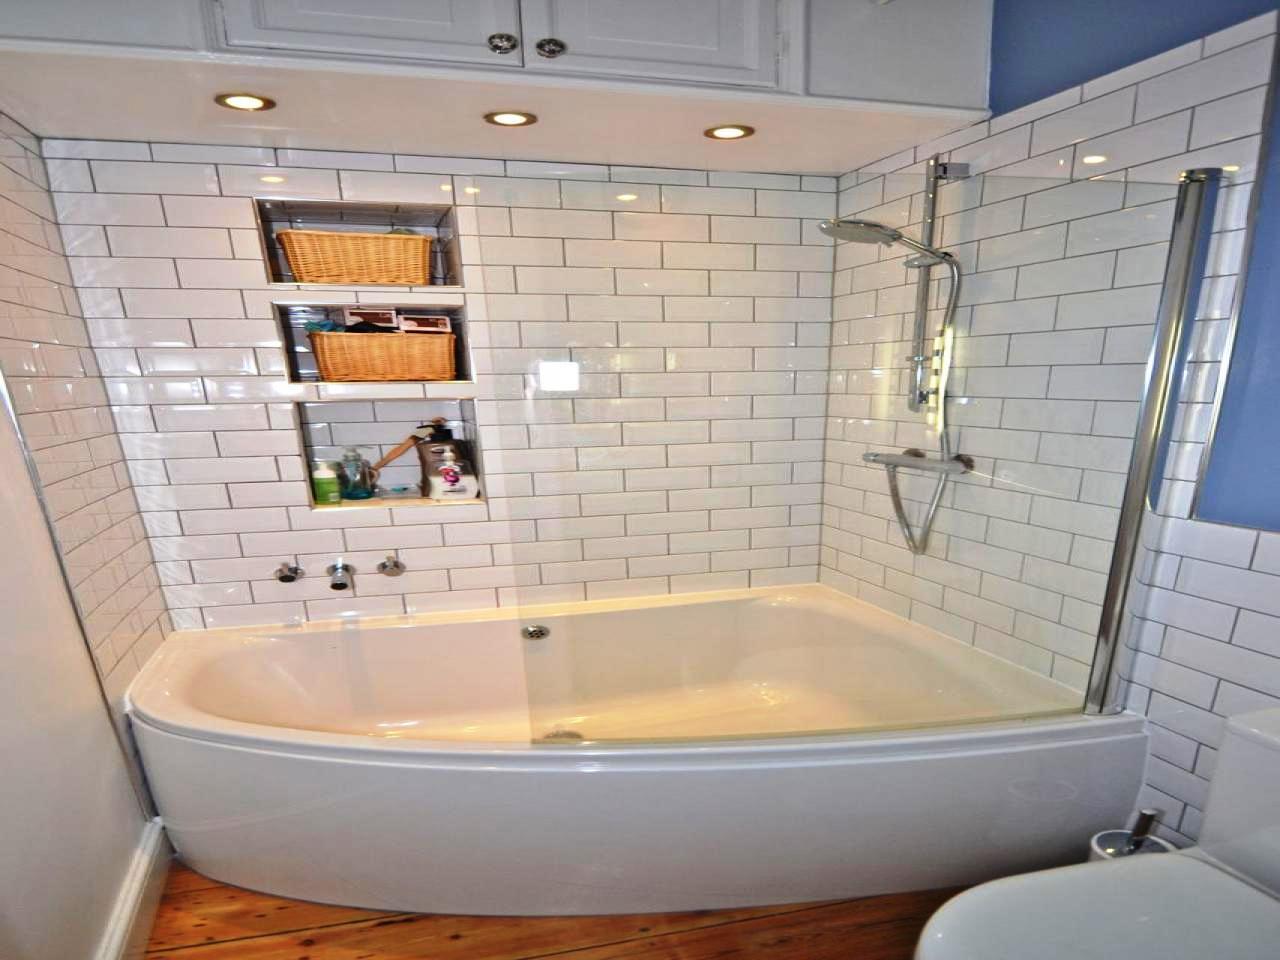 Corner Tub Shower Curtain Rod Schmidt Gallery Design